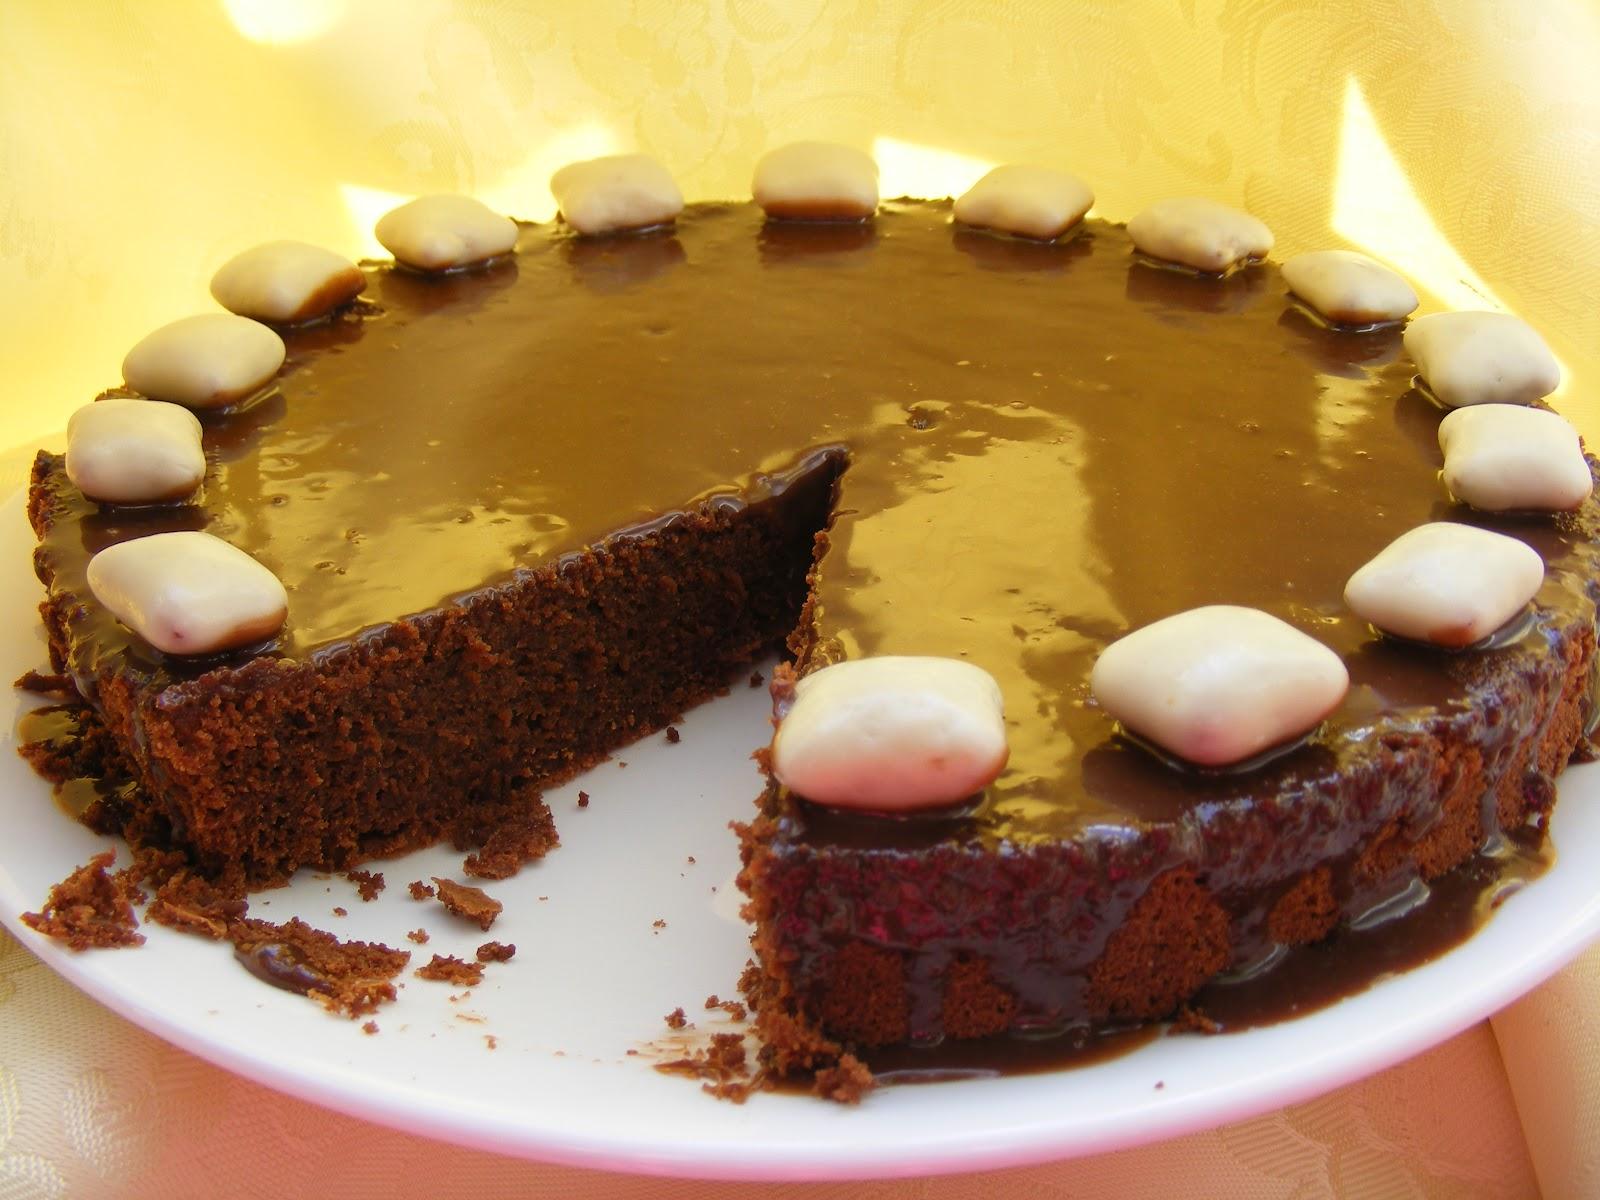 Gâteau au chocolat simplement divin!1